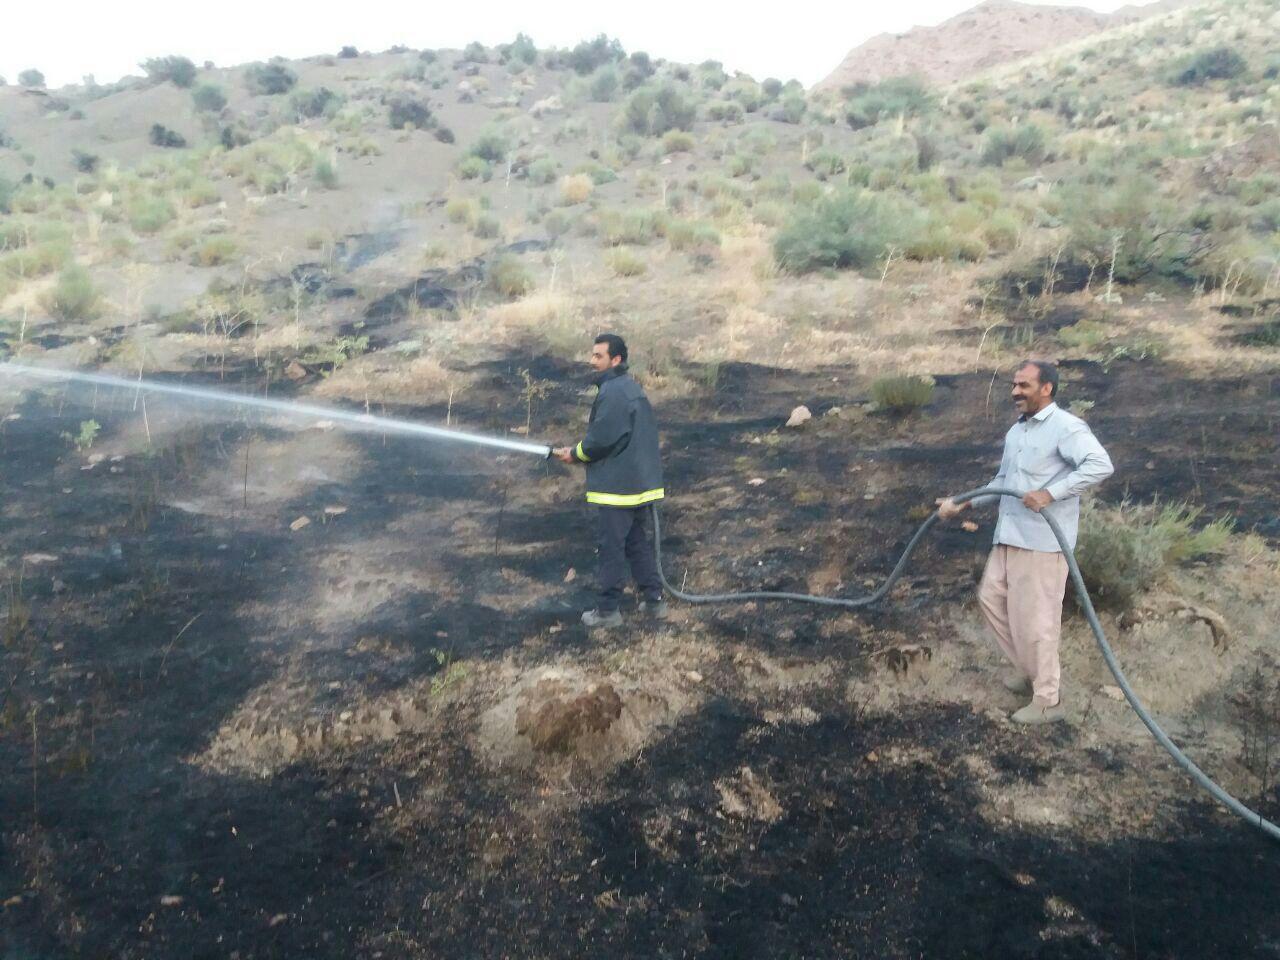 مهار آتش سوزی در مراتع خضری دشت بیاض